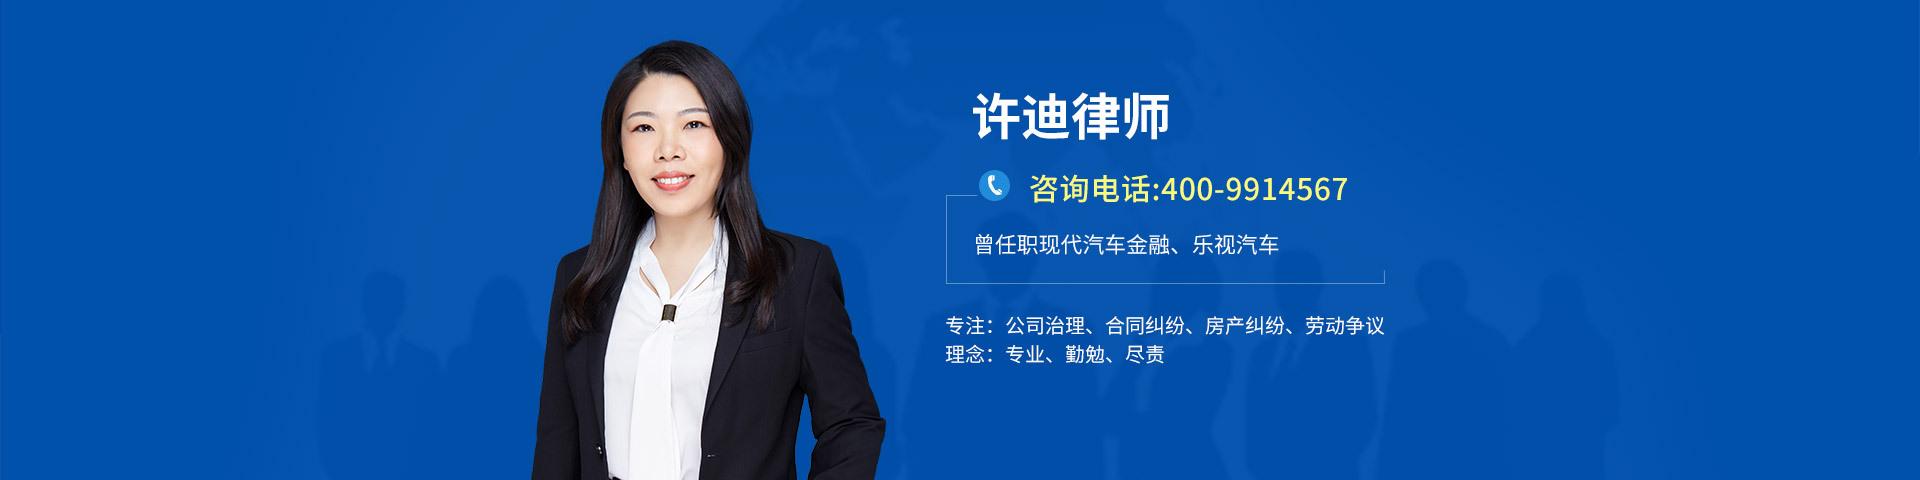 许迪律师网站